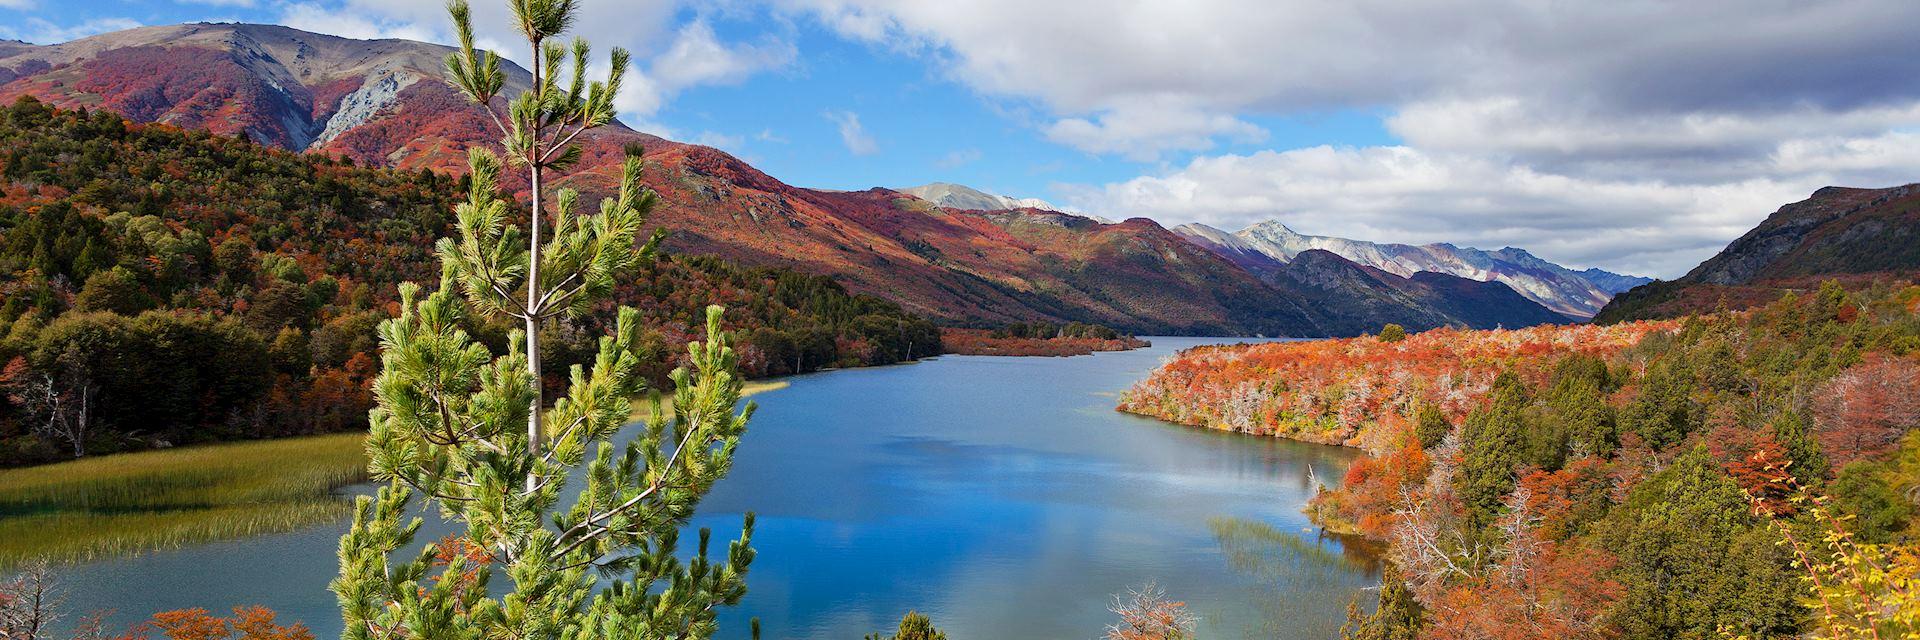 Autumn in Argentina